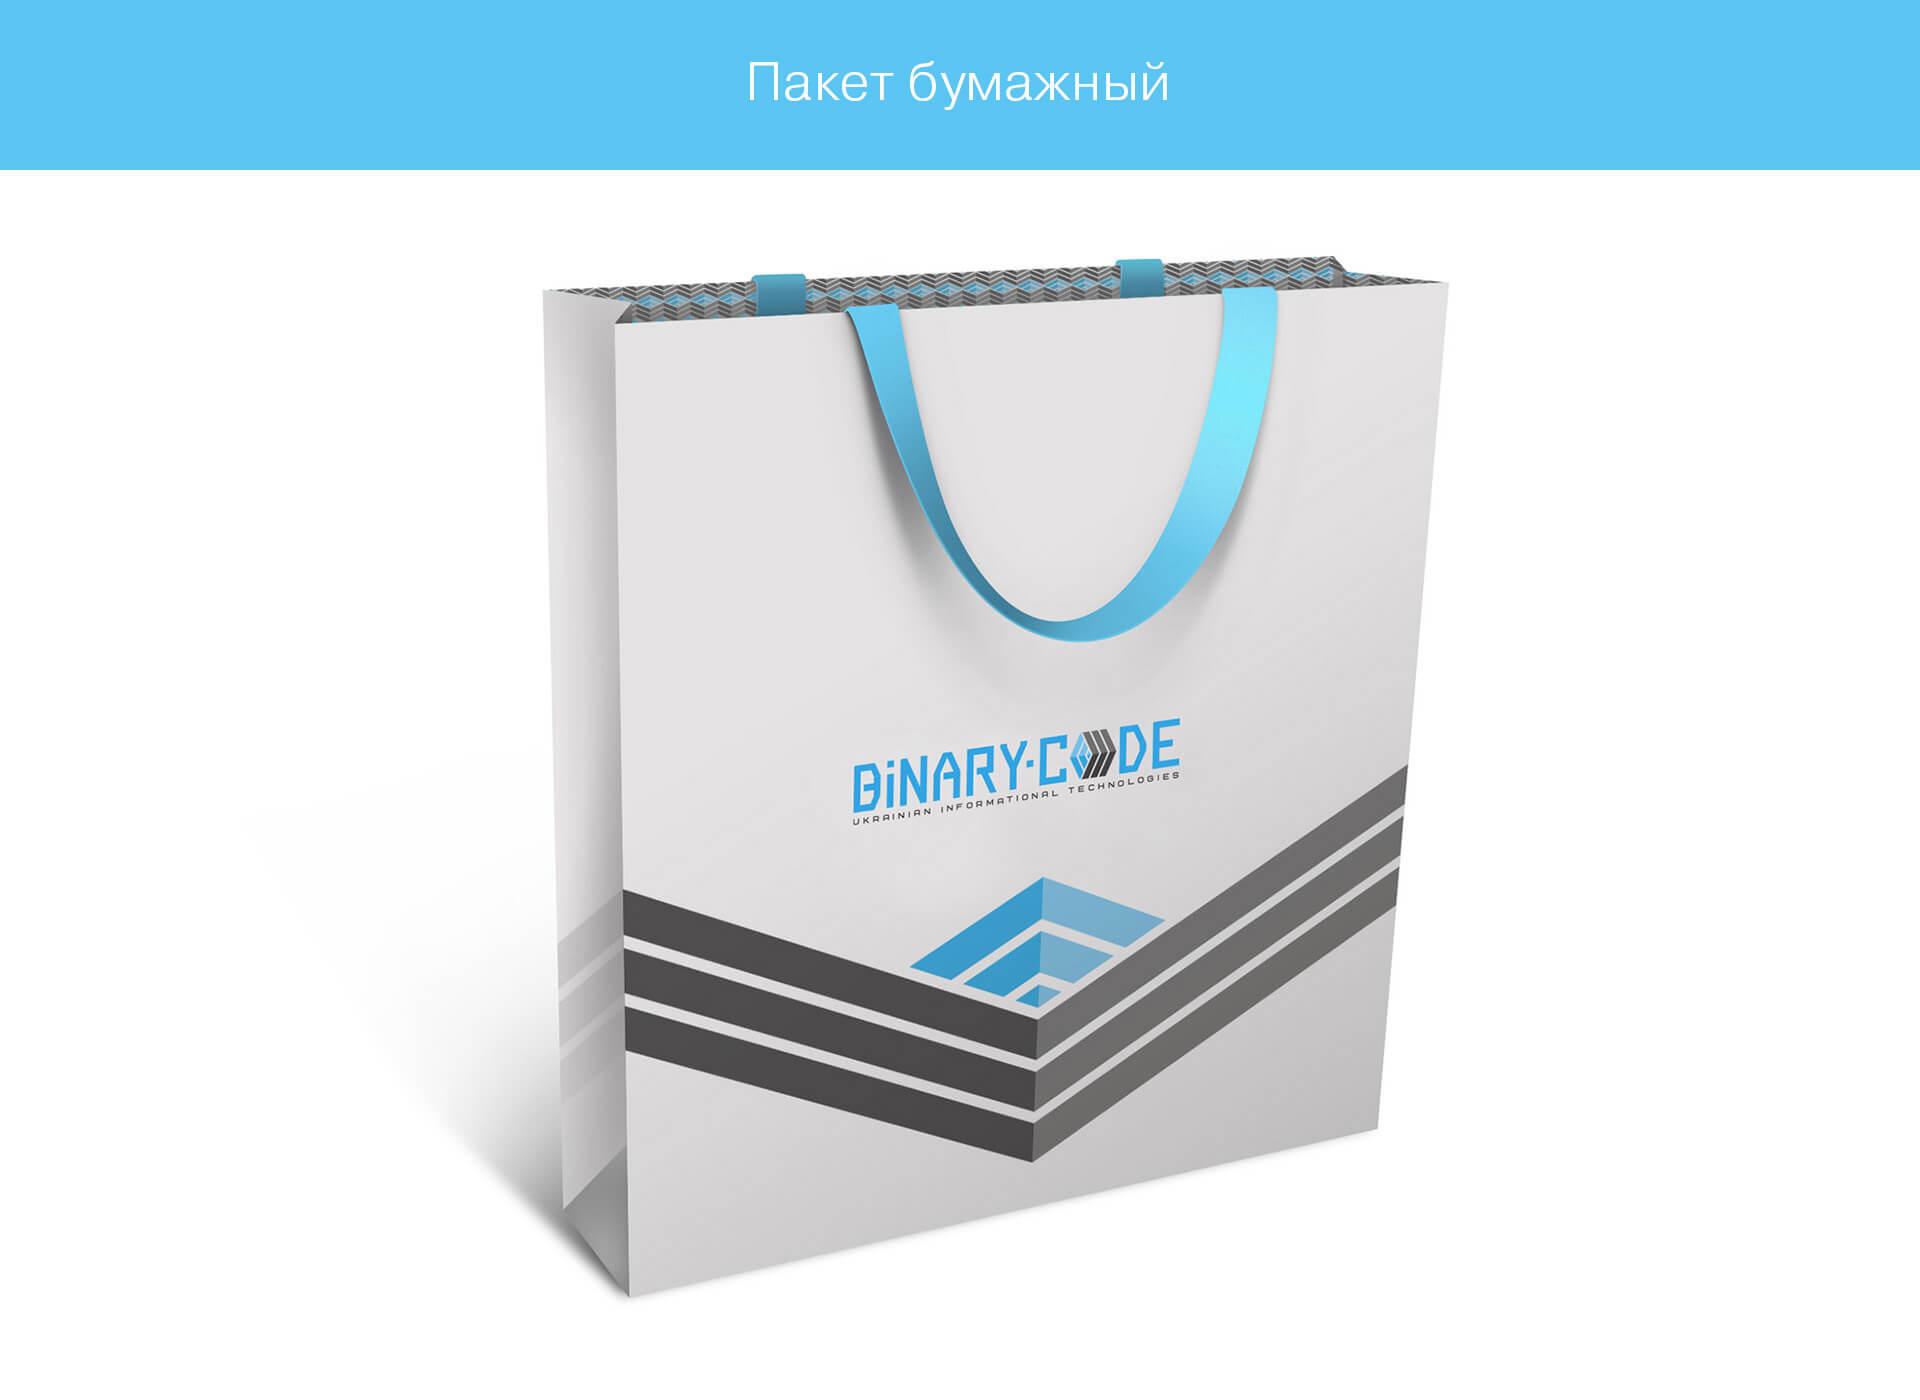 Разработка и создание дизайна бумажного пакета (брендинг) от Fantastic Imago брендиногове рекламное агентство